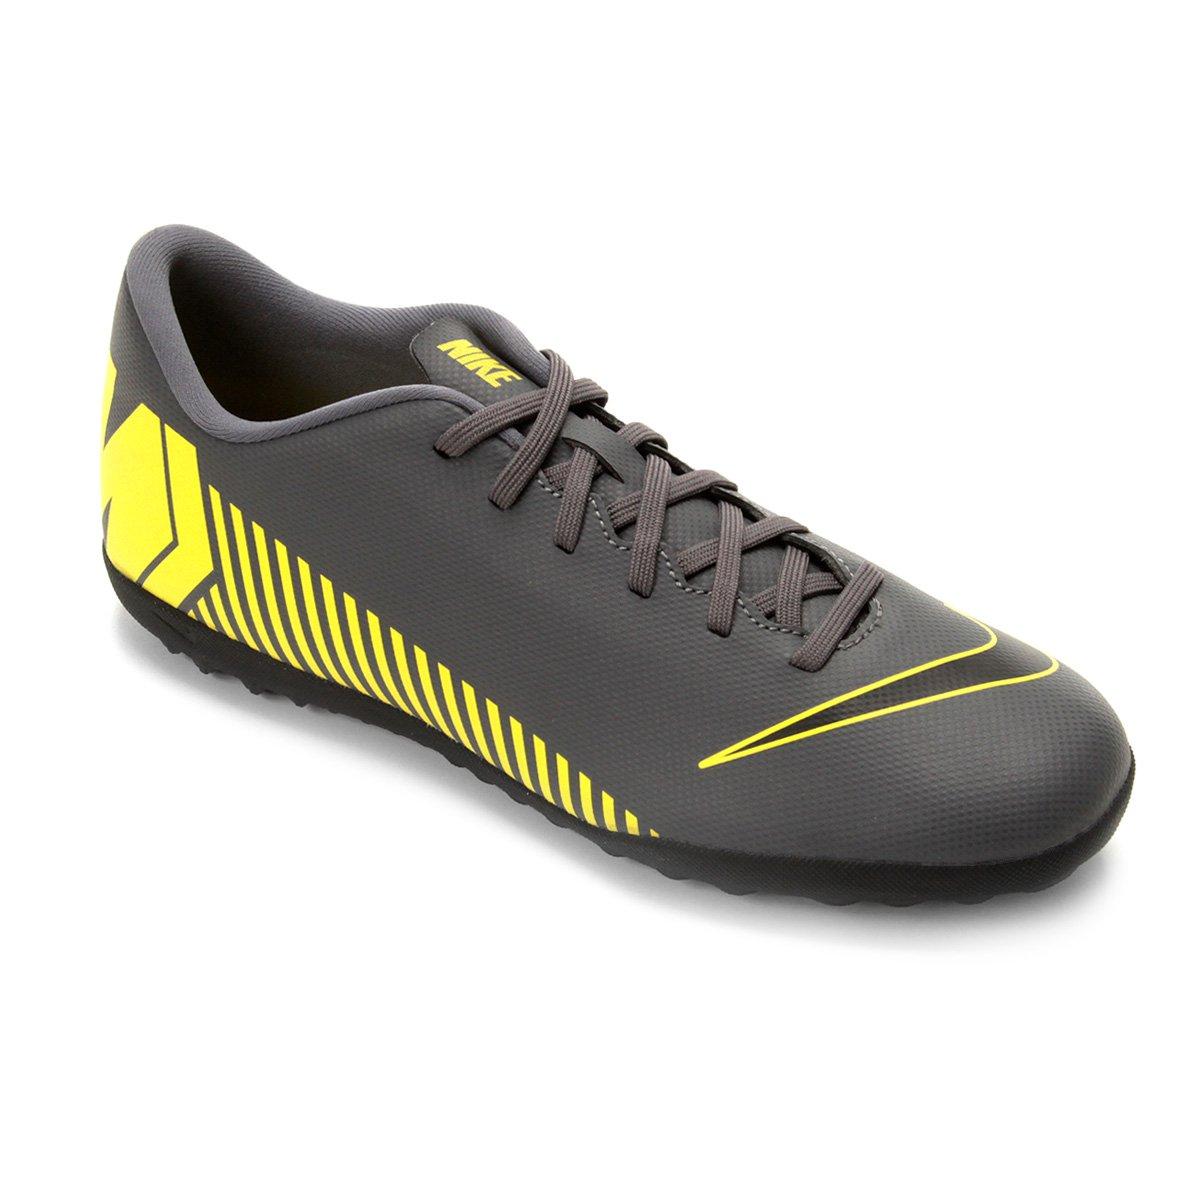 a619fcaade1e1 Chuteira Society Nike Vapor 12 Club TF - Chumbo e Amarelo | Loja do Inter